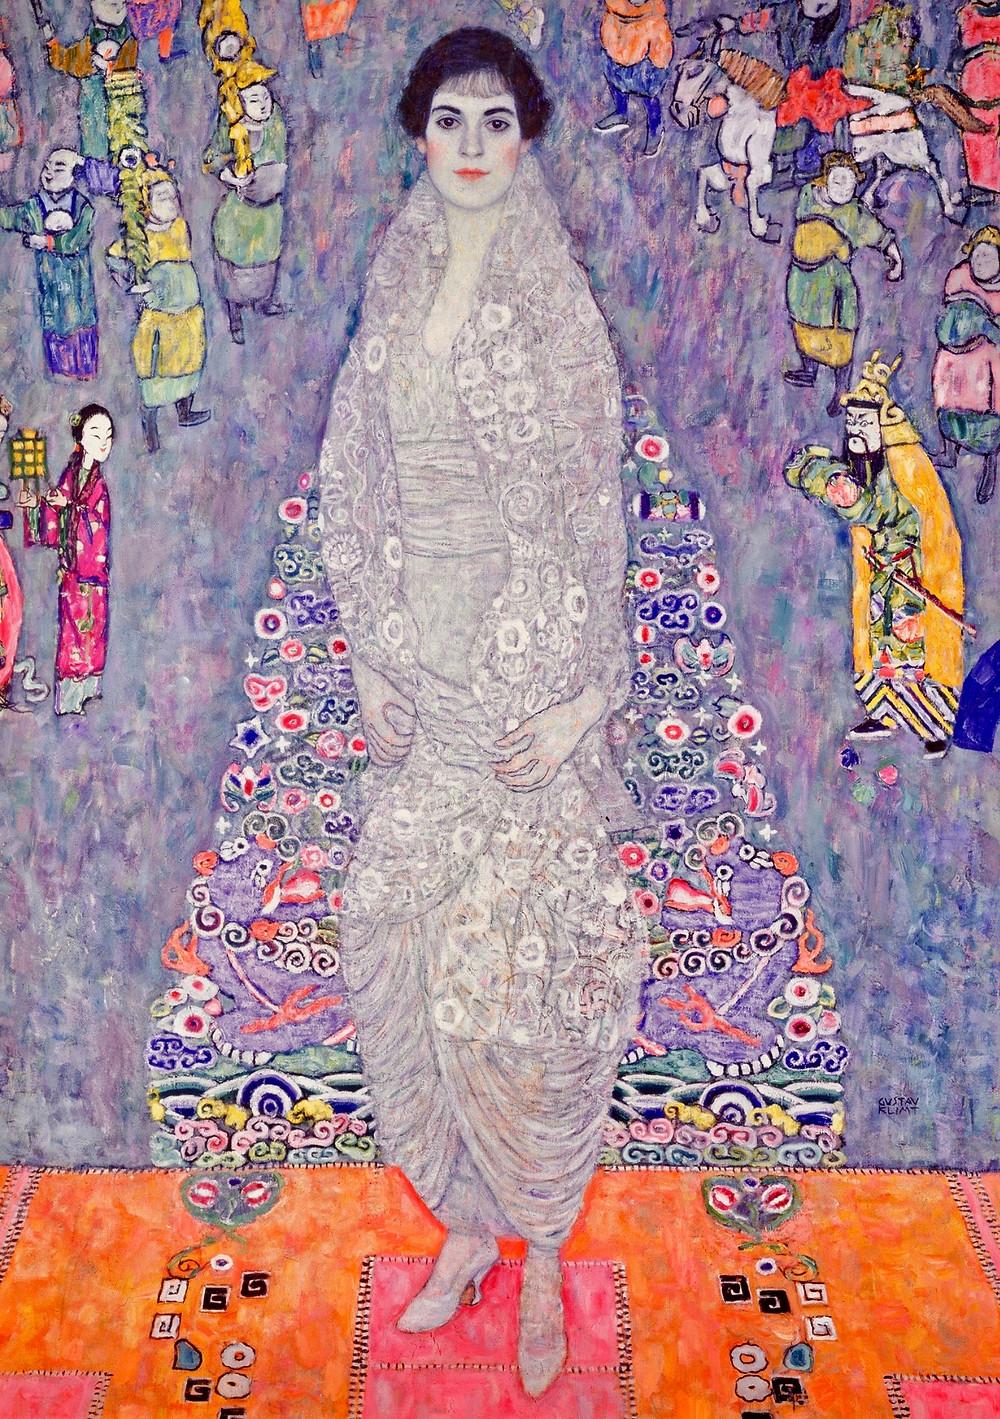 Klimt, Portrait of Elisabeth Lederer, 1900-18 -- at the Neue Gallery